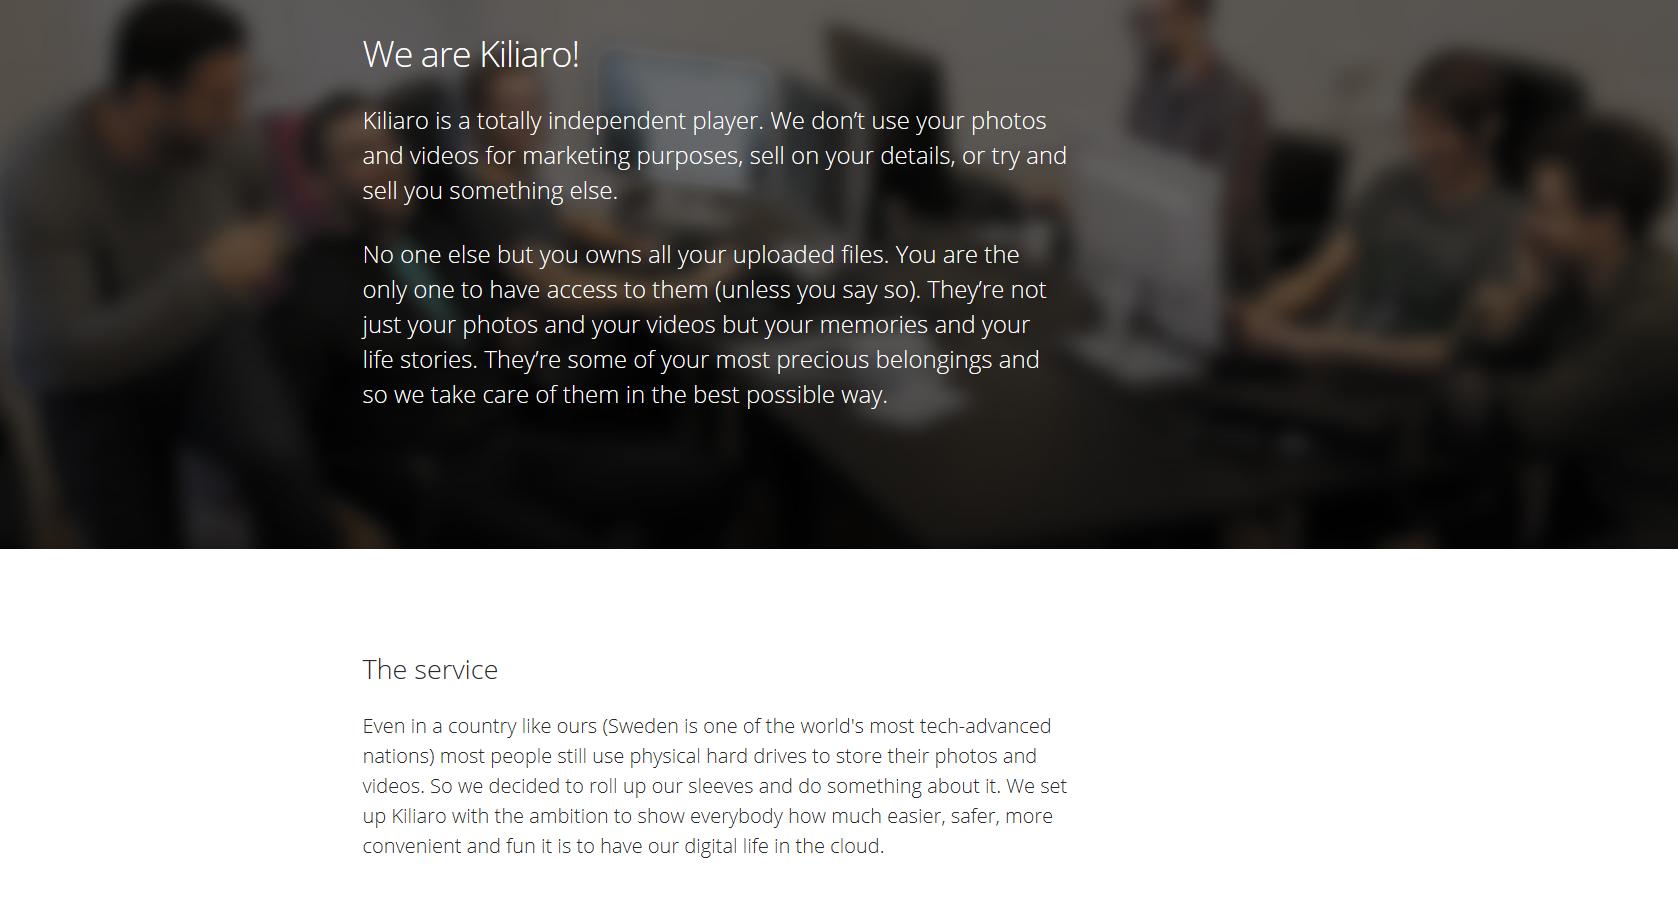 Kiliaro website